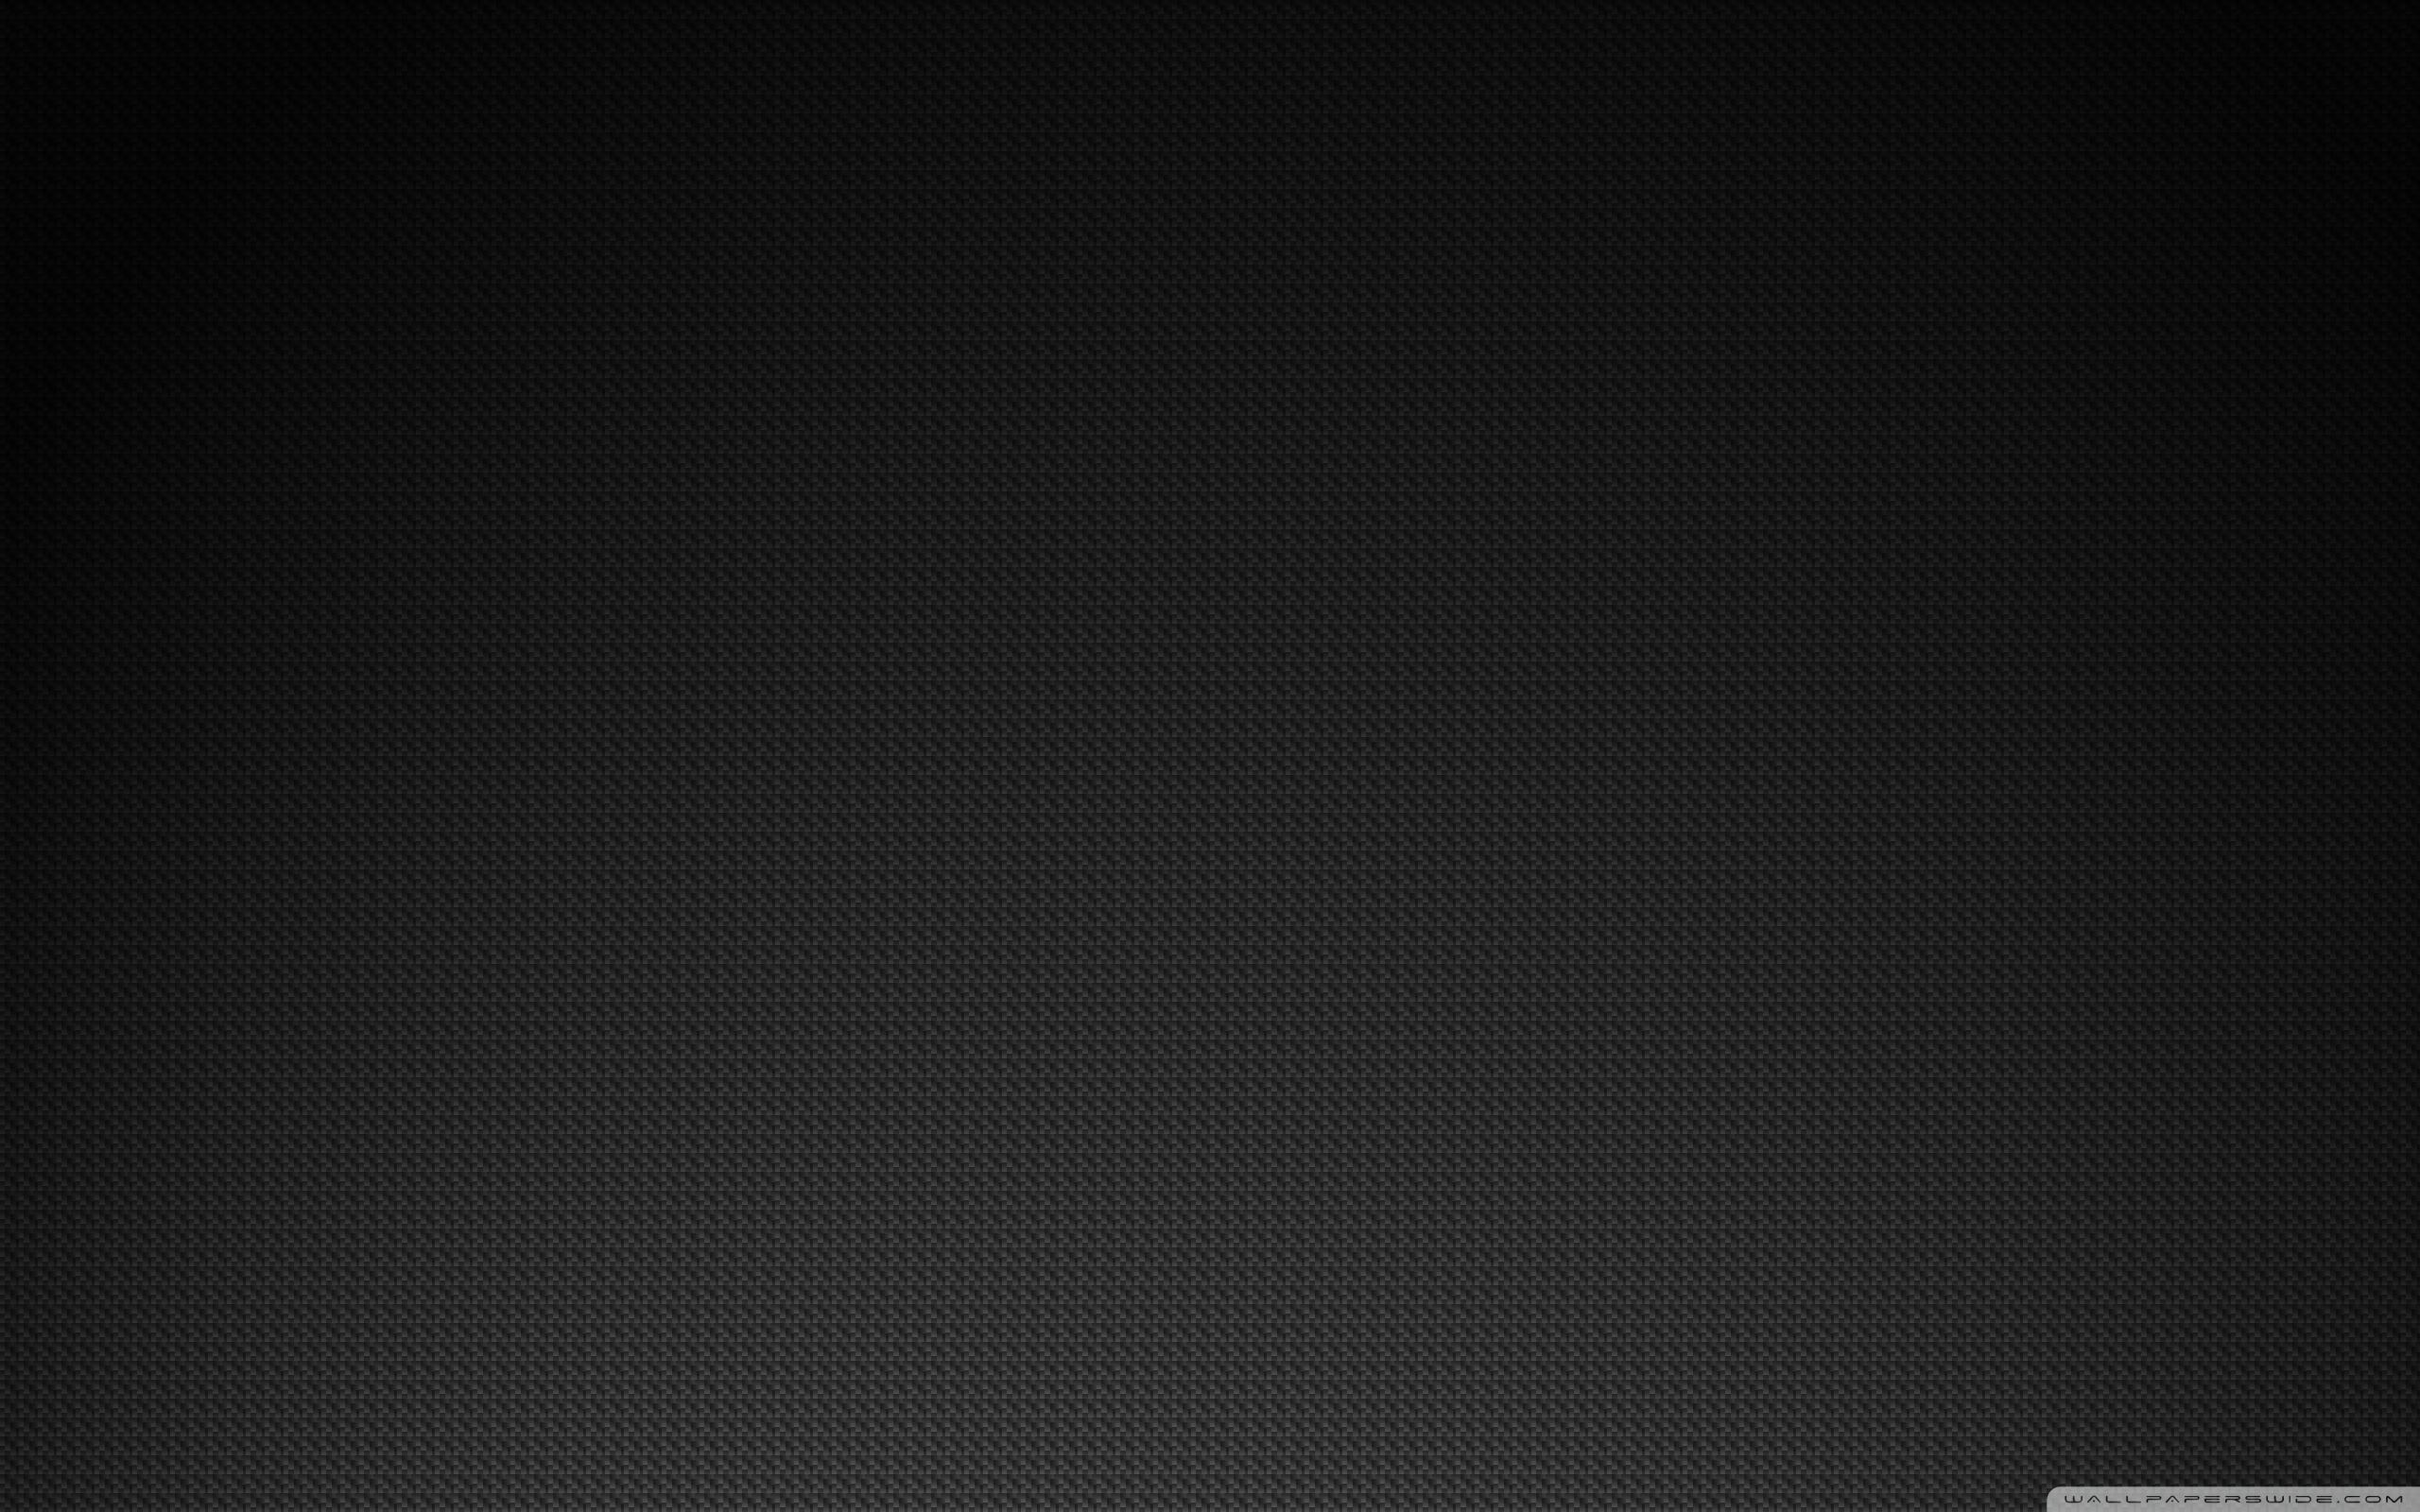 Carbon Fiber wallpaper 1920x1080 56959 2560x1600